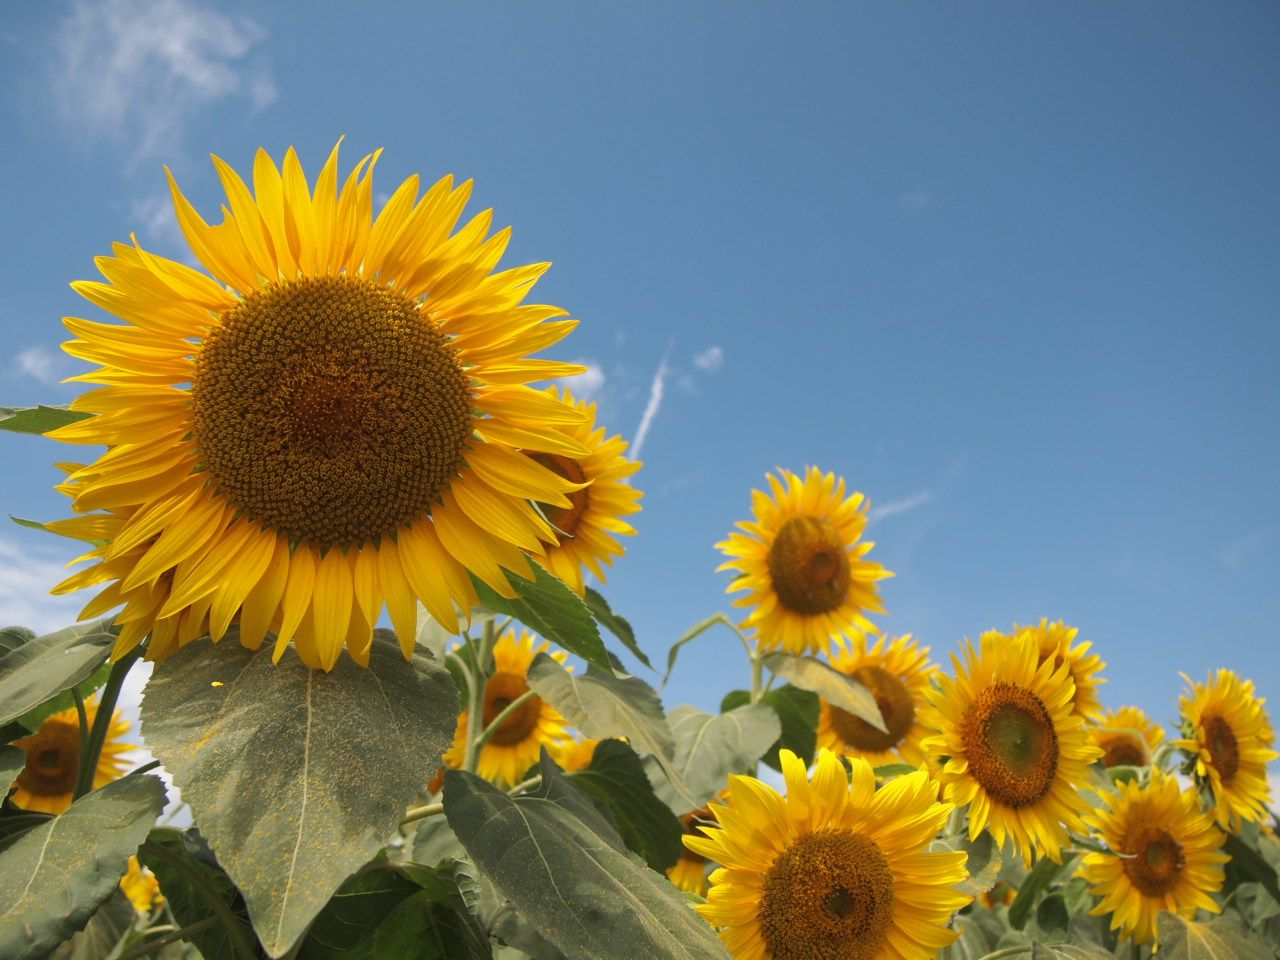 夏限定のひまわり畑「明野サンフラワーフェス」!60万本のひまわりを見に行こう〜山梨県北杜市